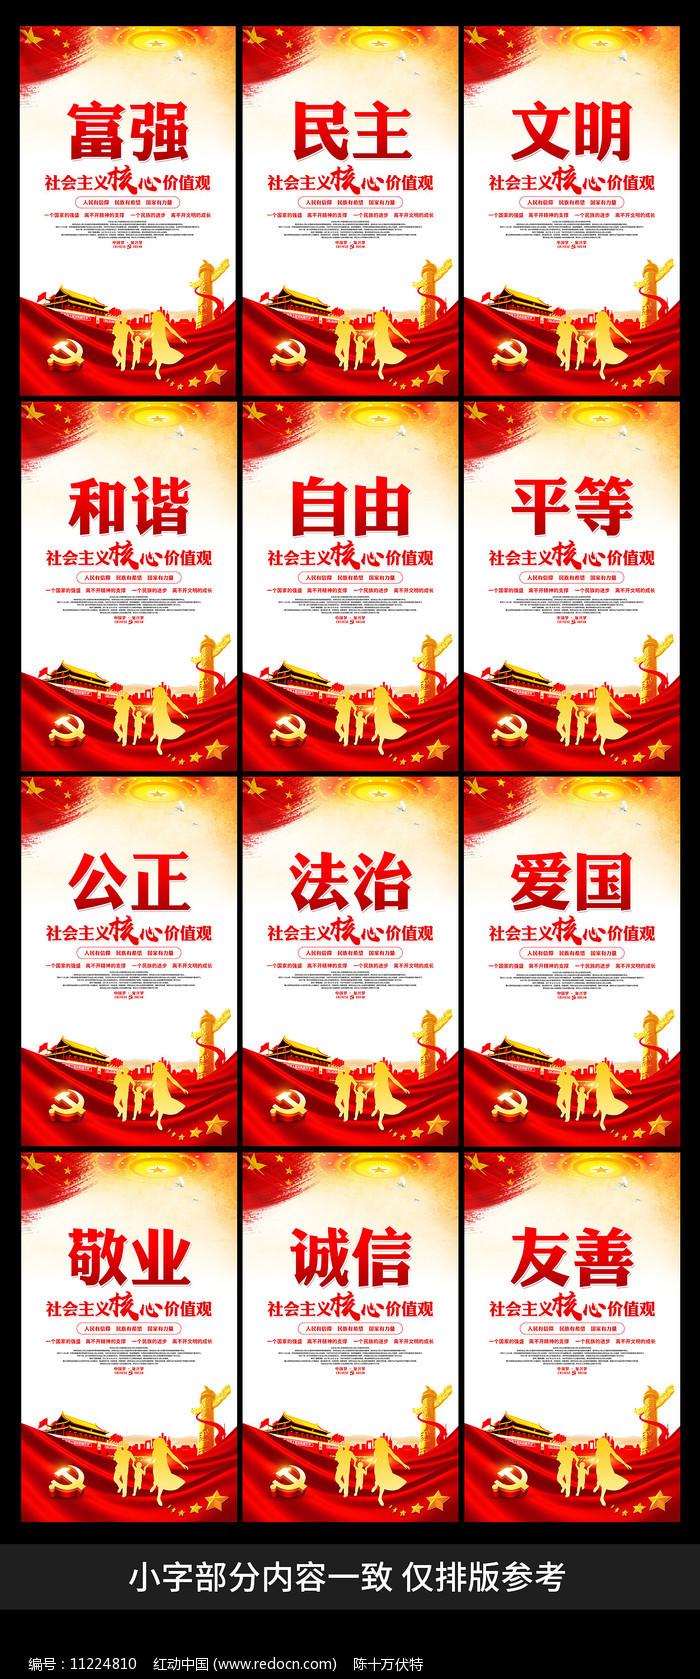 全套社会主义核心价值观展板设计图片